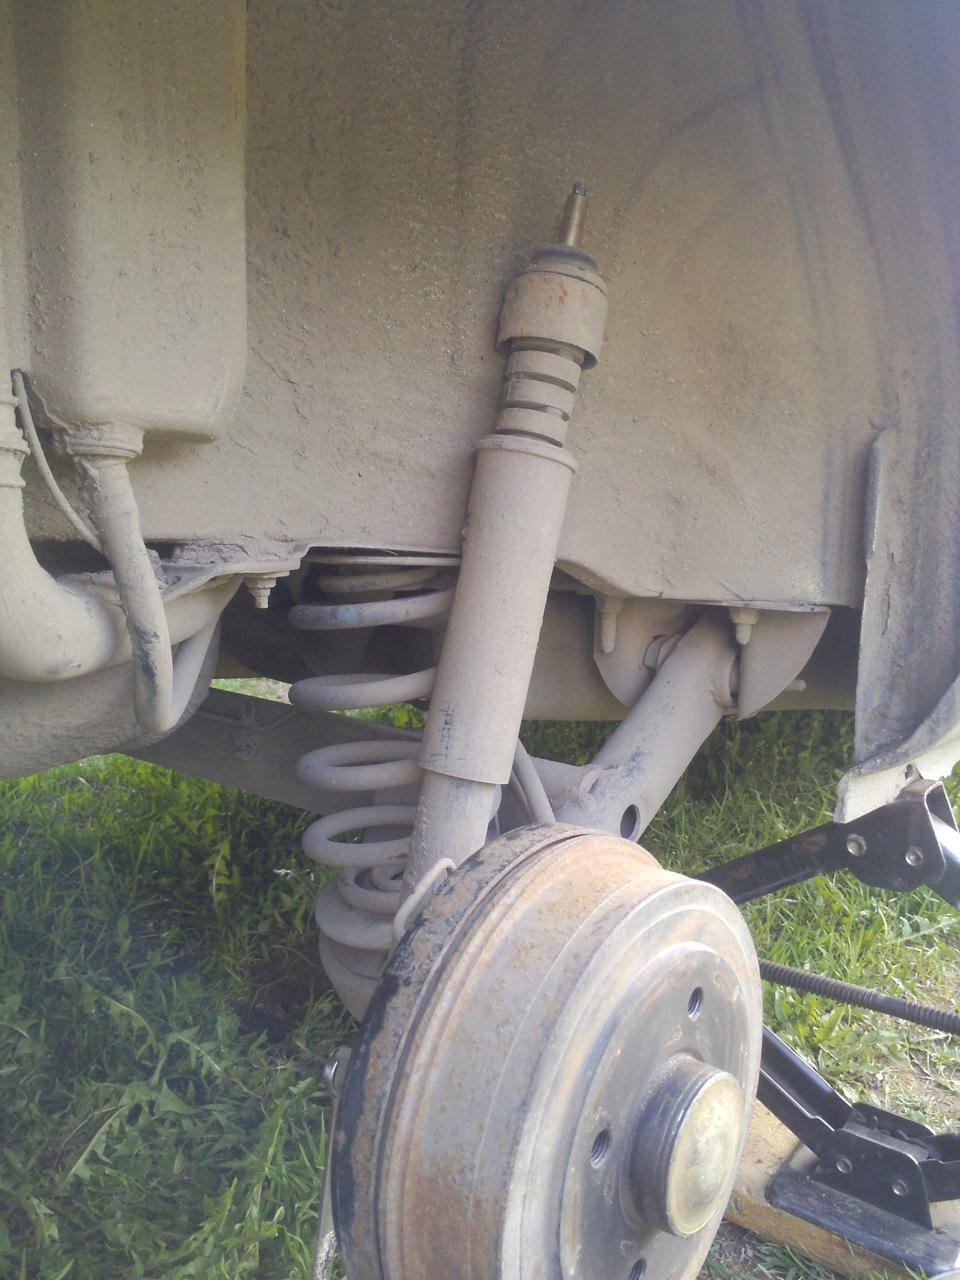 Замена верхней распорной втулки заднего амортизатора на рено символ